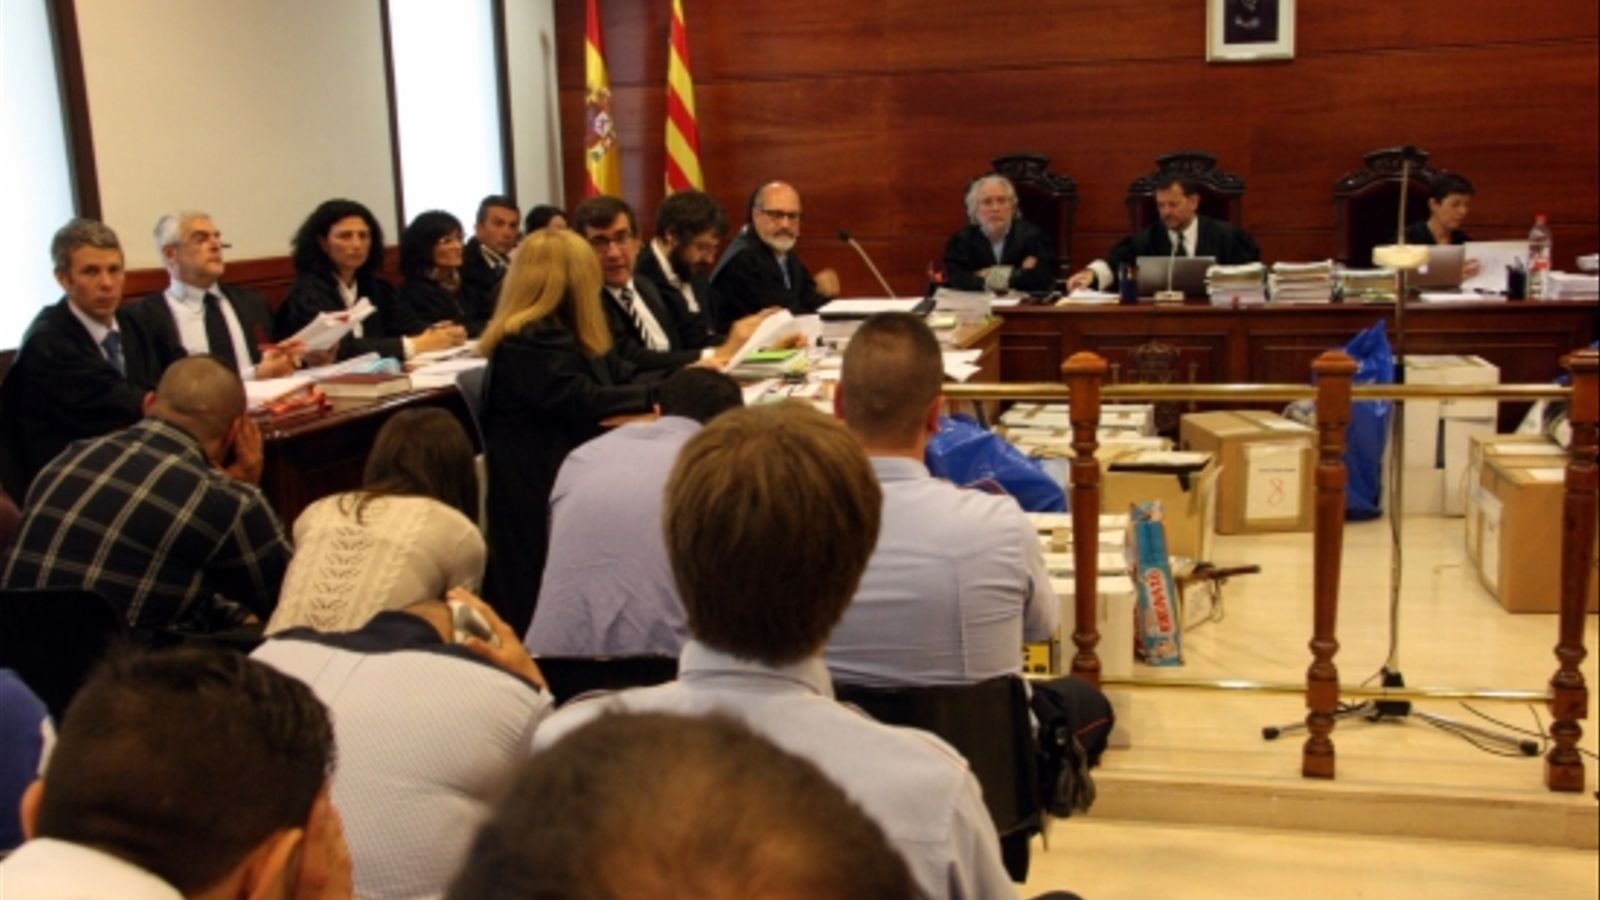 Els acusats del cas Stroika de Manresa, aquest dimecres a l'Audiència. ACN